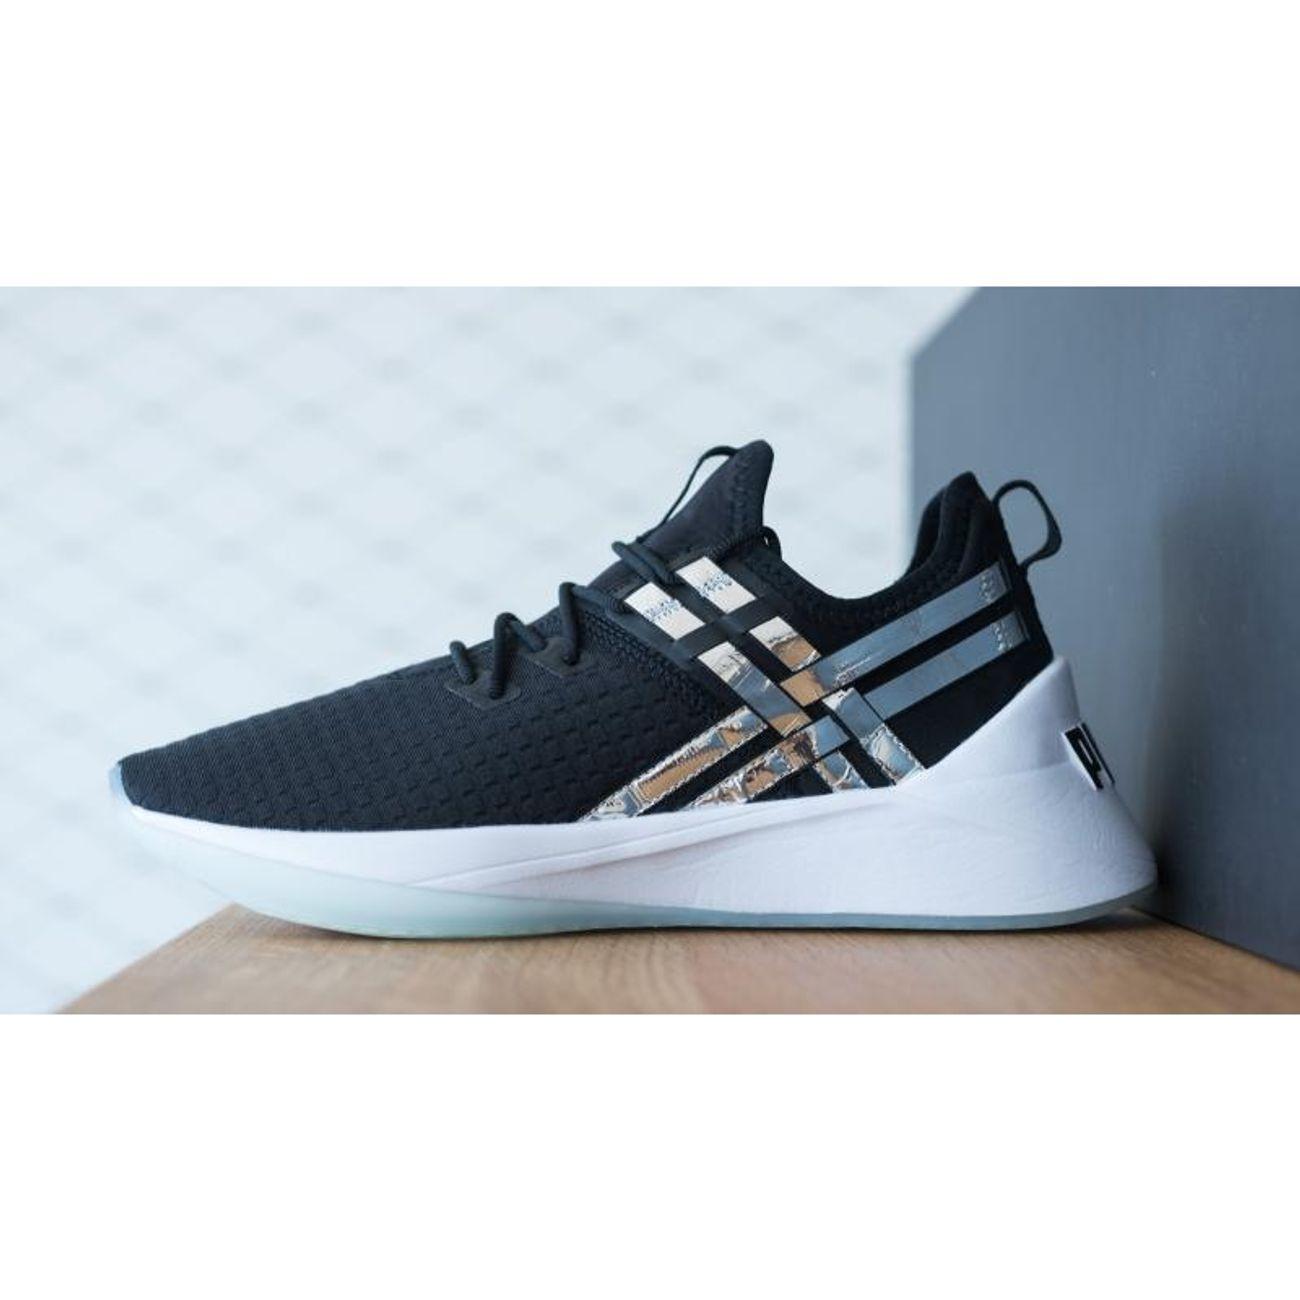 4138a554c8 Chaussures femme Puma Wns jaab XT TZ – achat et prix pas cher - Go Sport